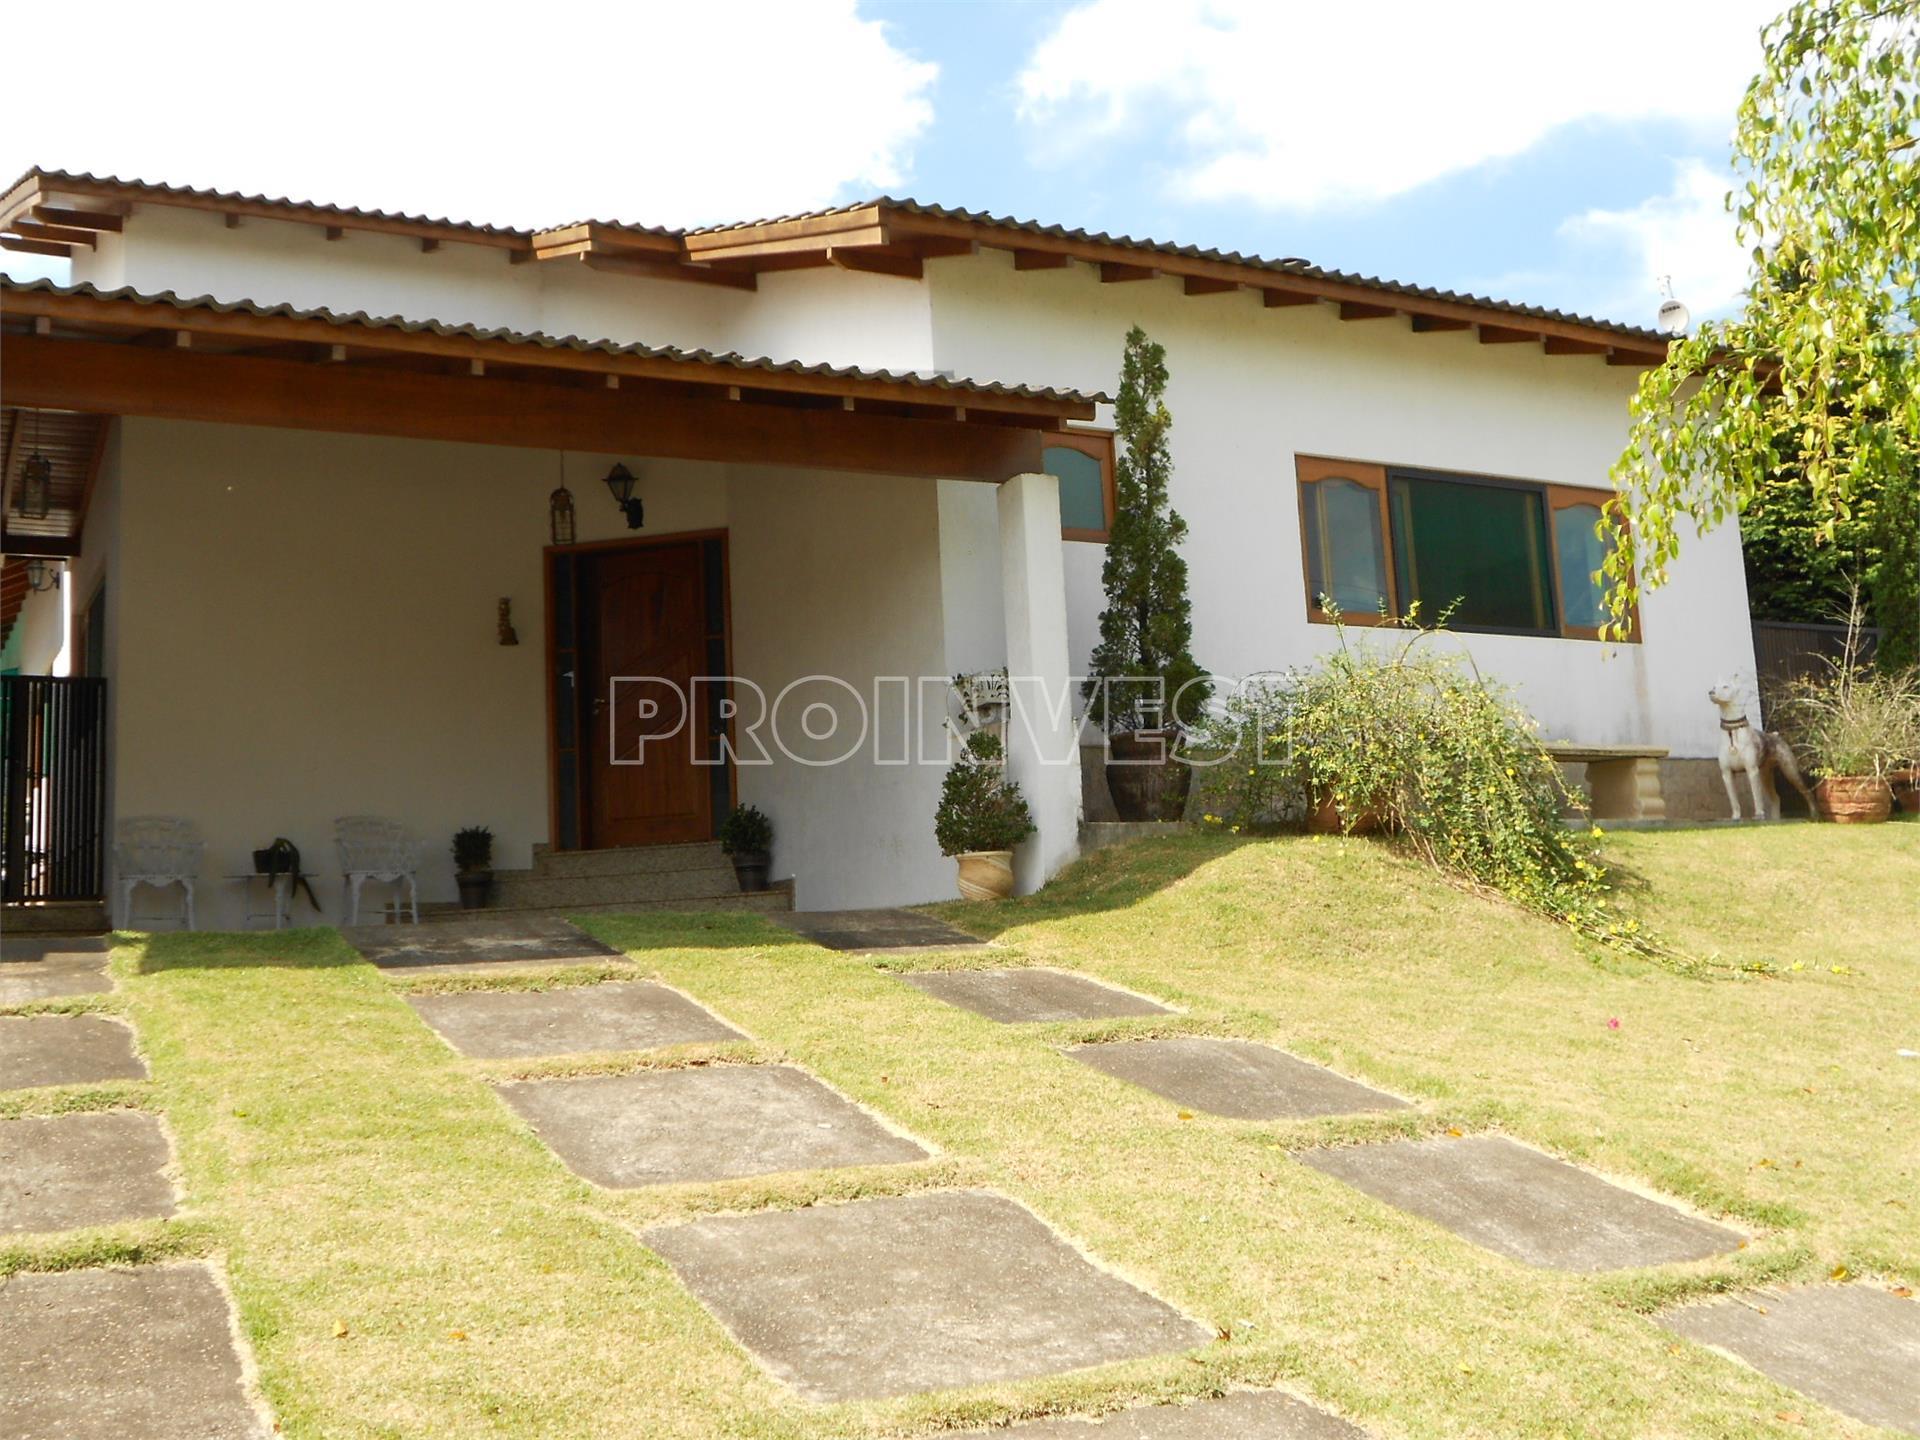 Excelente casa Térrea à venda, belo projeto e construção sólida,  Paysage Noble, Vargem Grande Paulista.